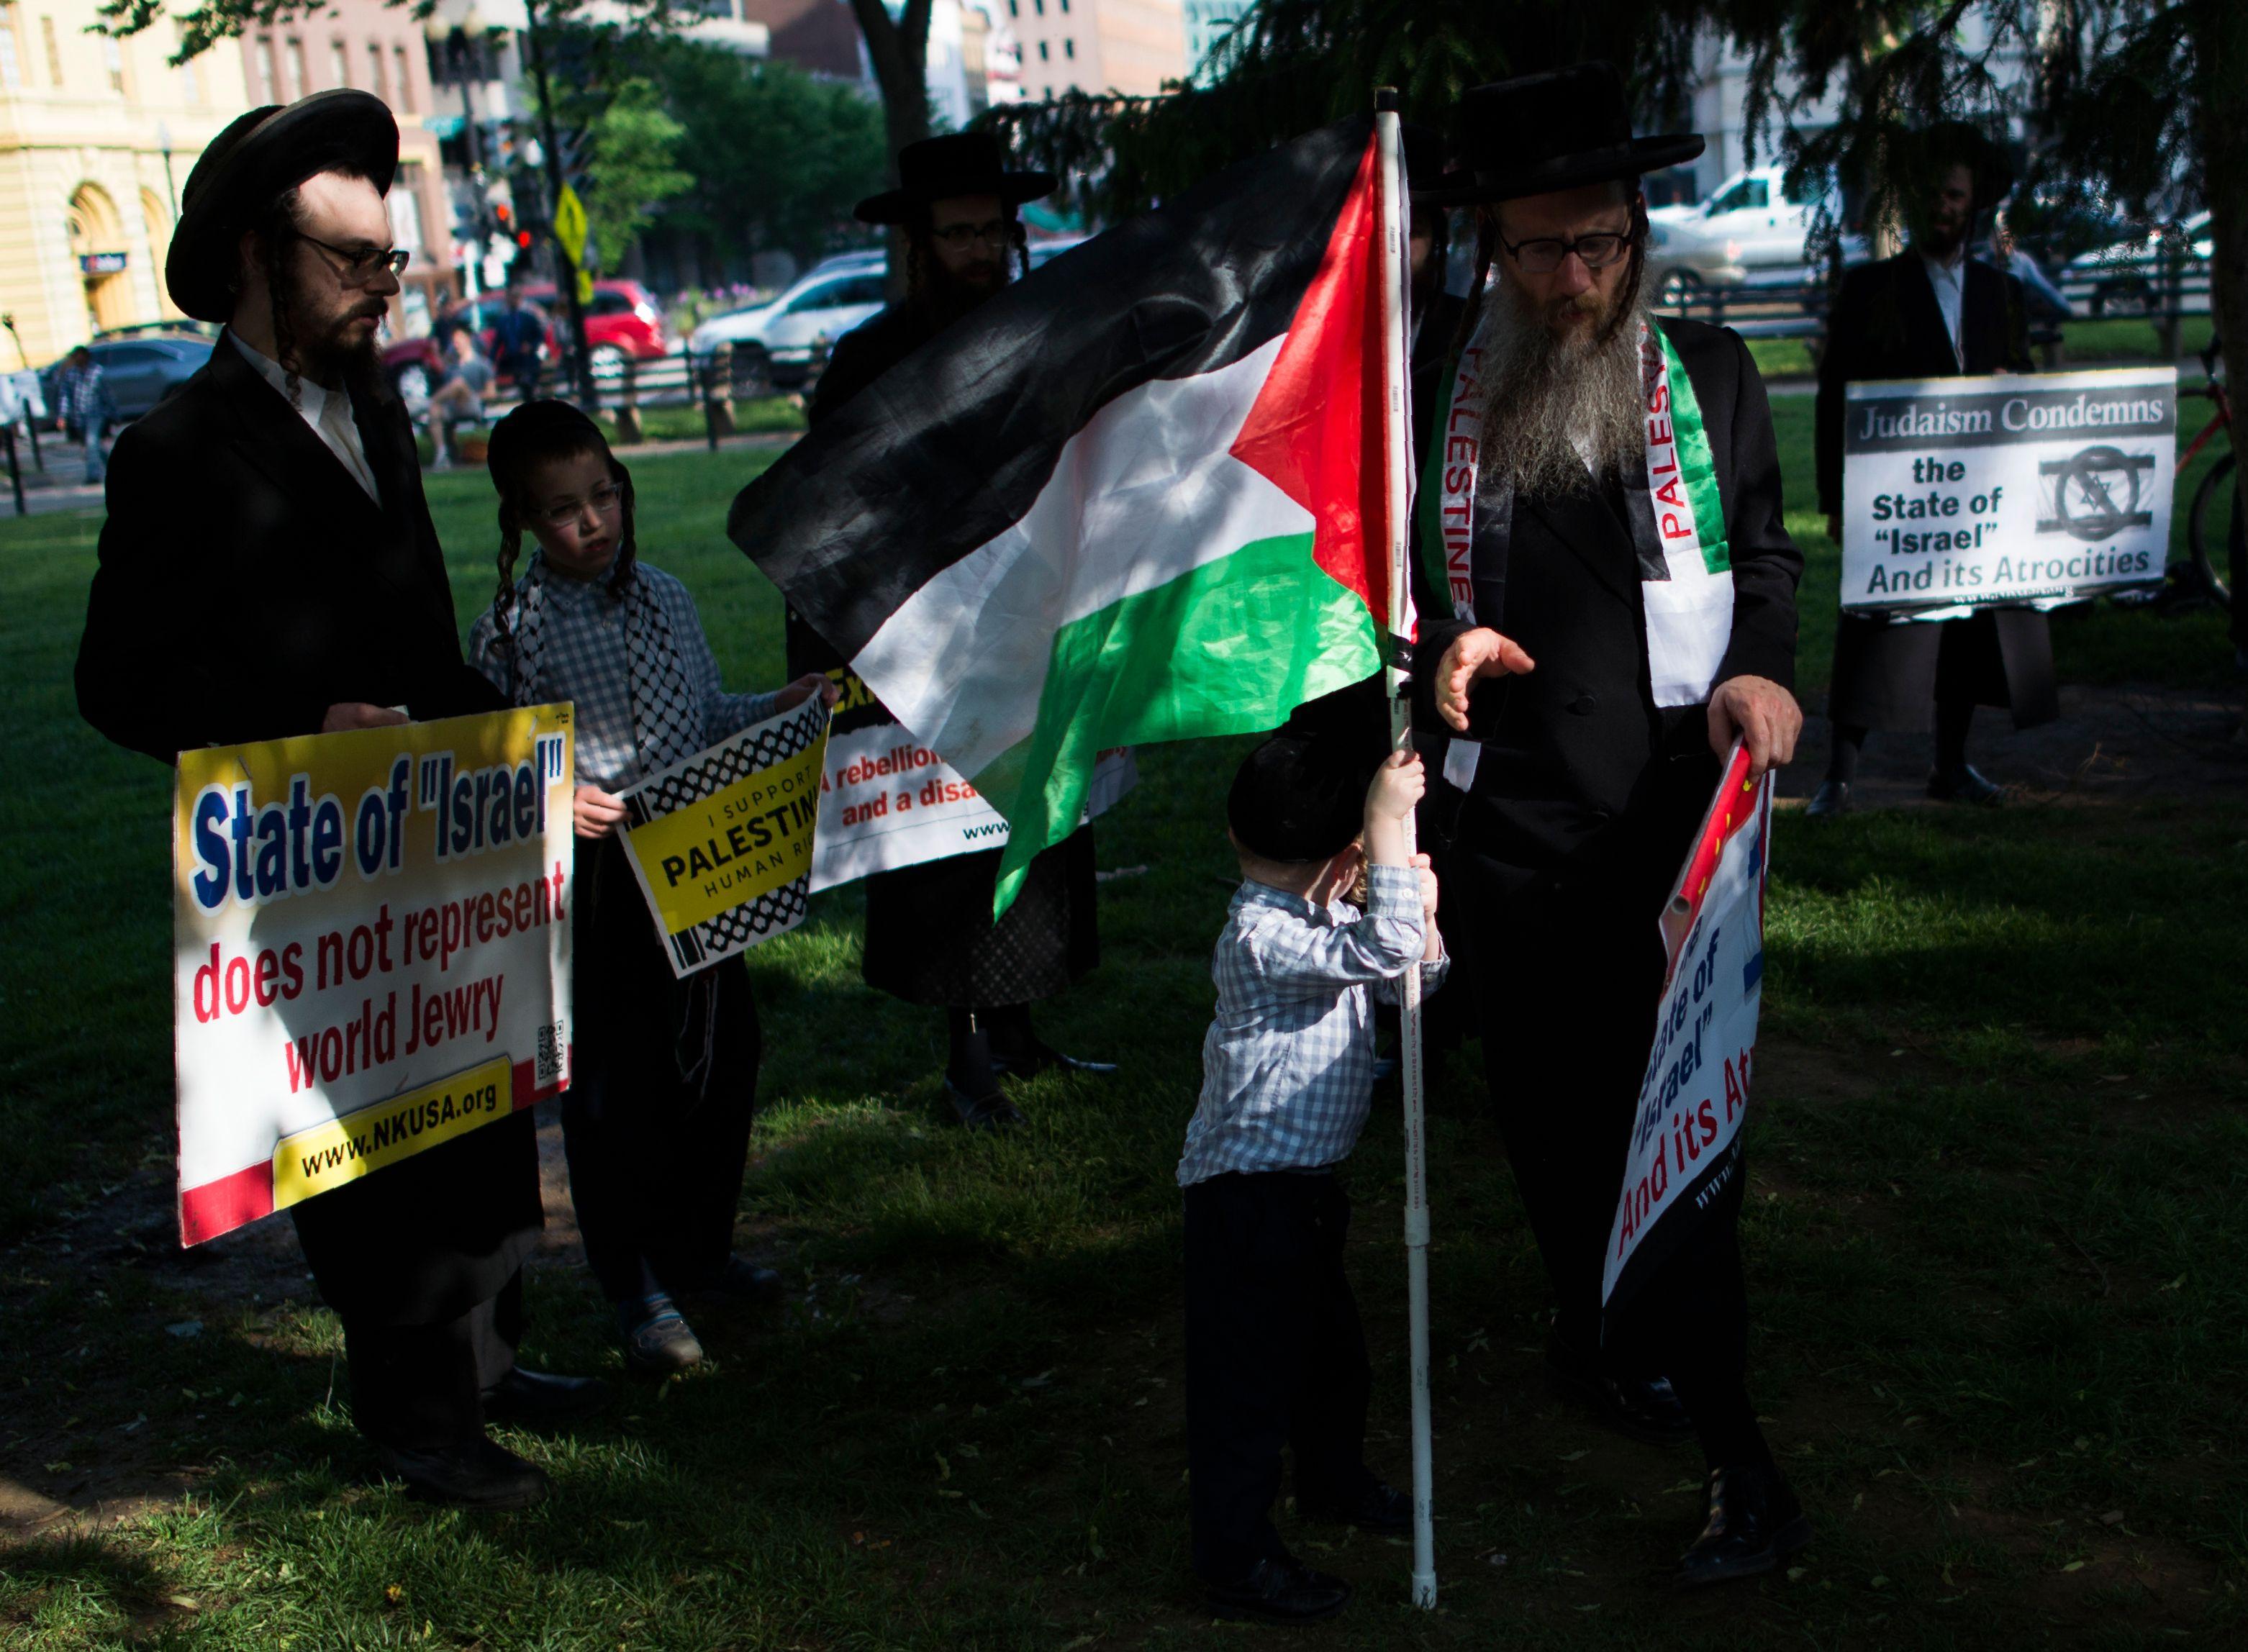 مظاهرات اليهود في أمريكا